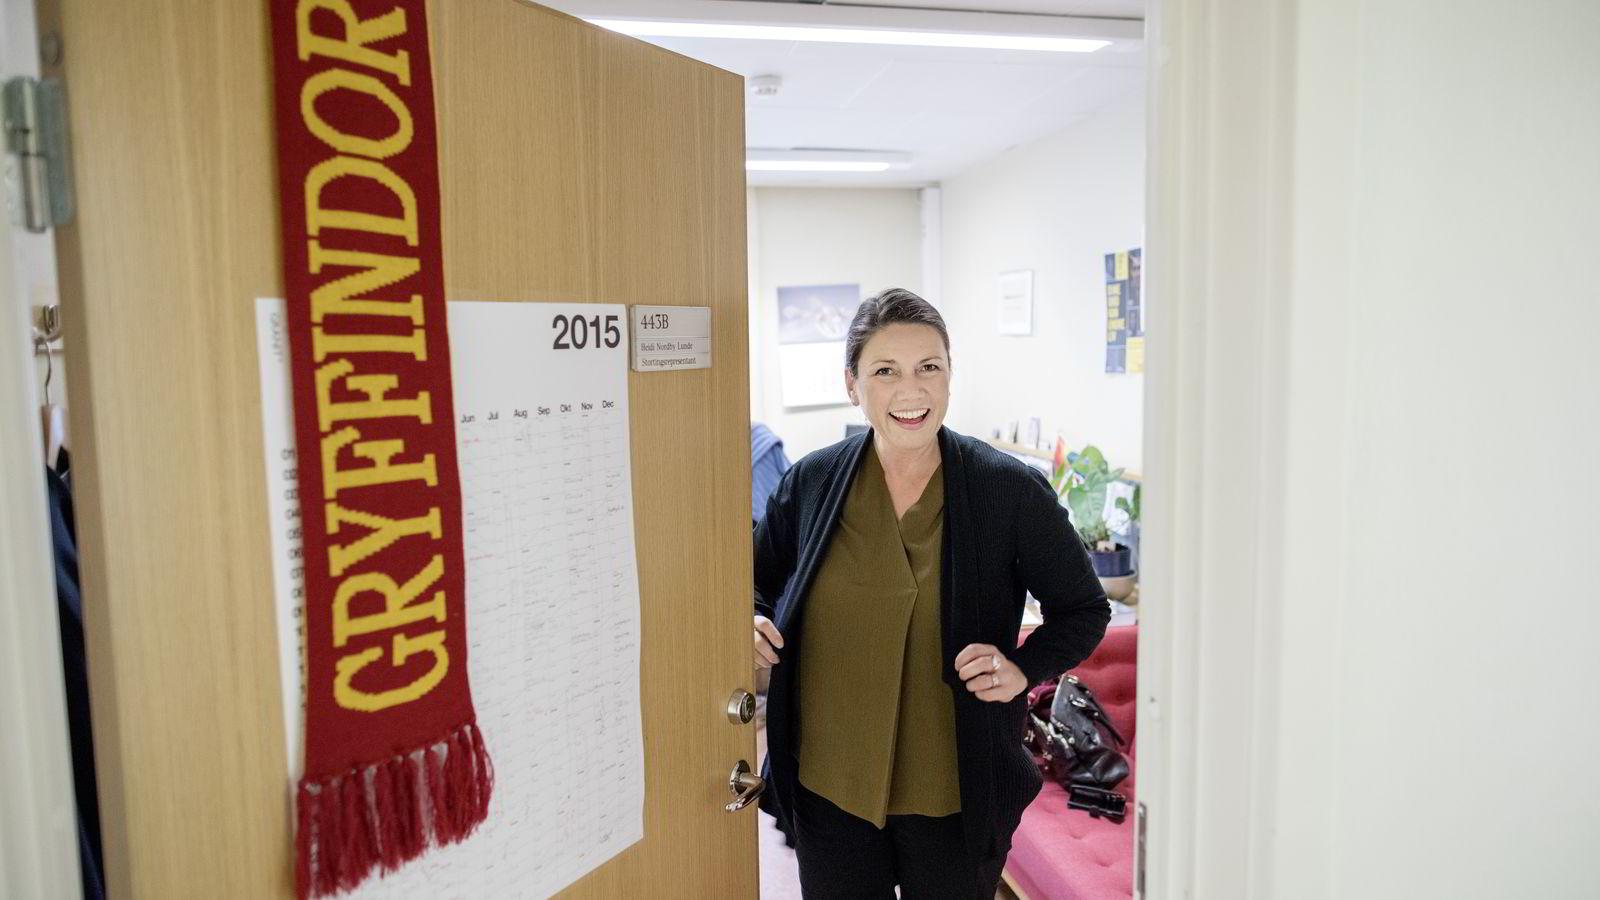 Høyres stortingsrepresentant, Heidi Nordby Lunde, på sitt kontor på Stortinget.